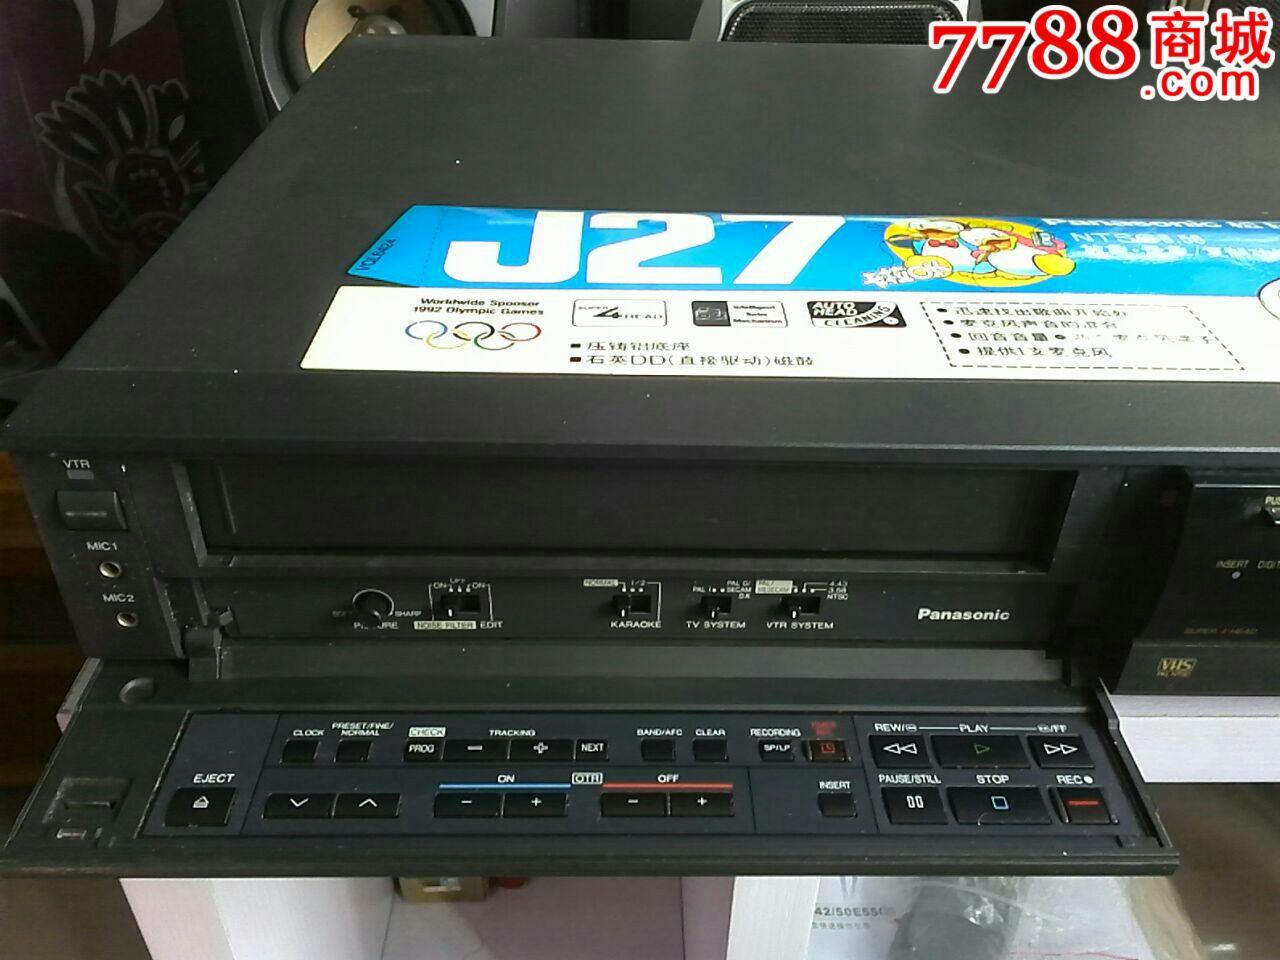 松下j27录像机